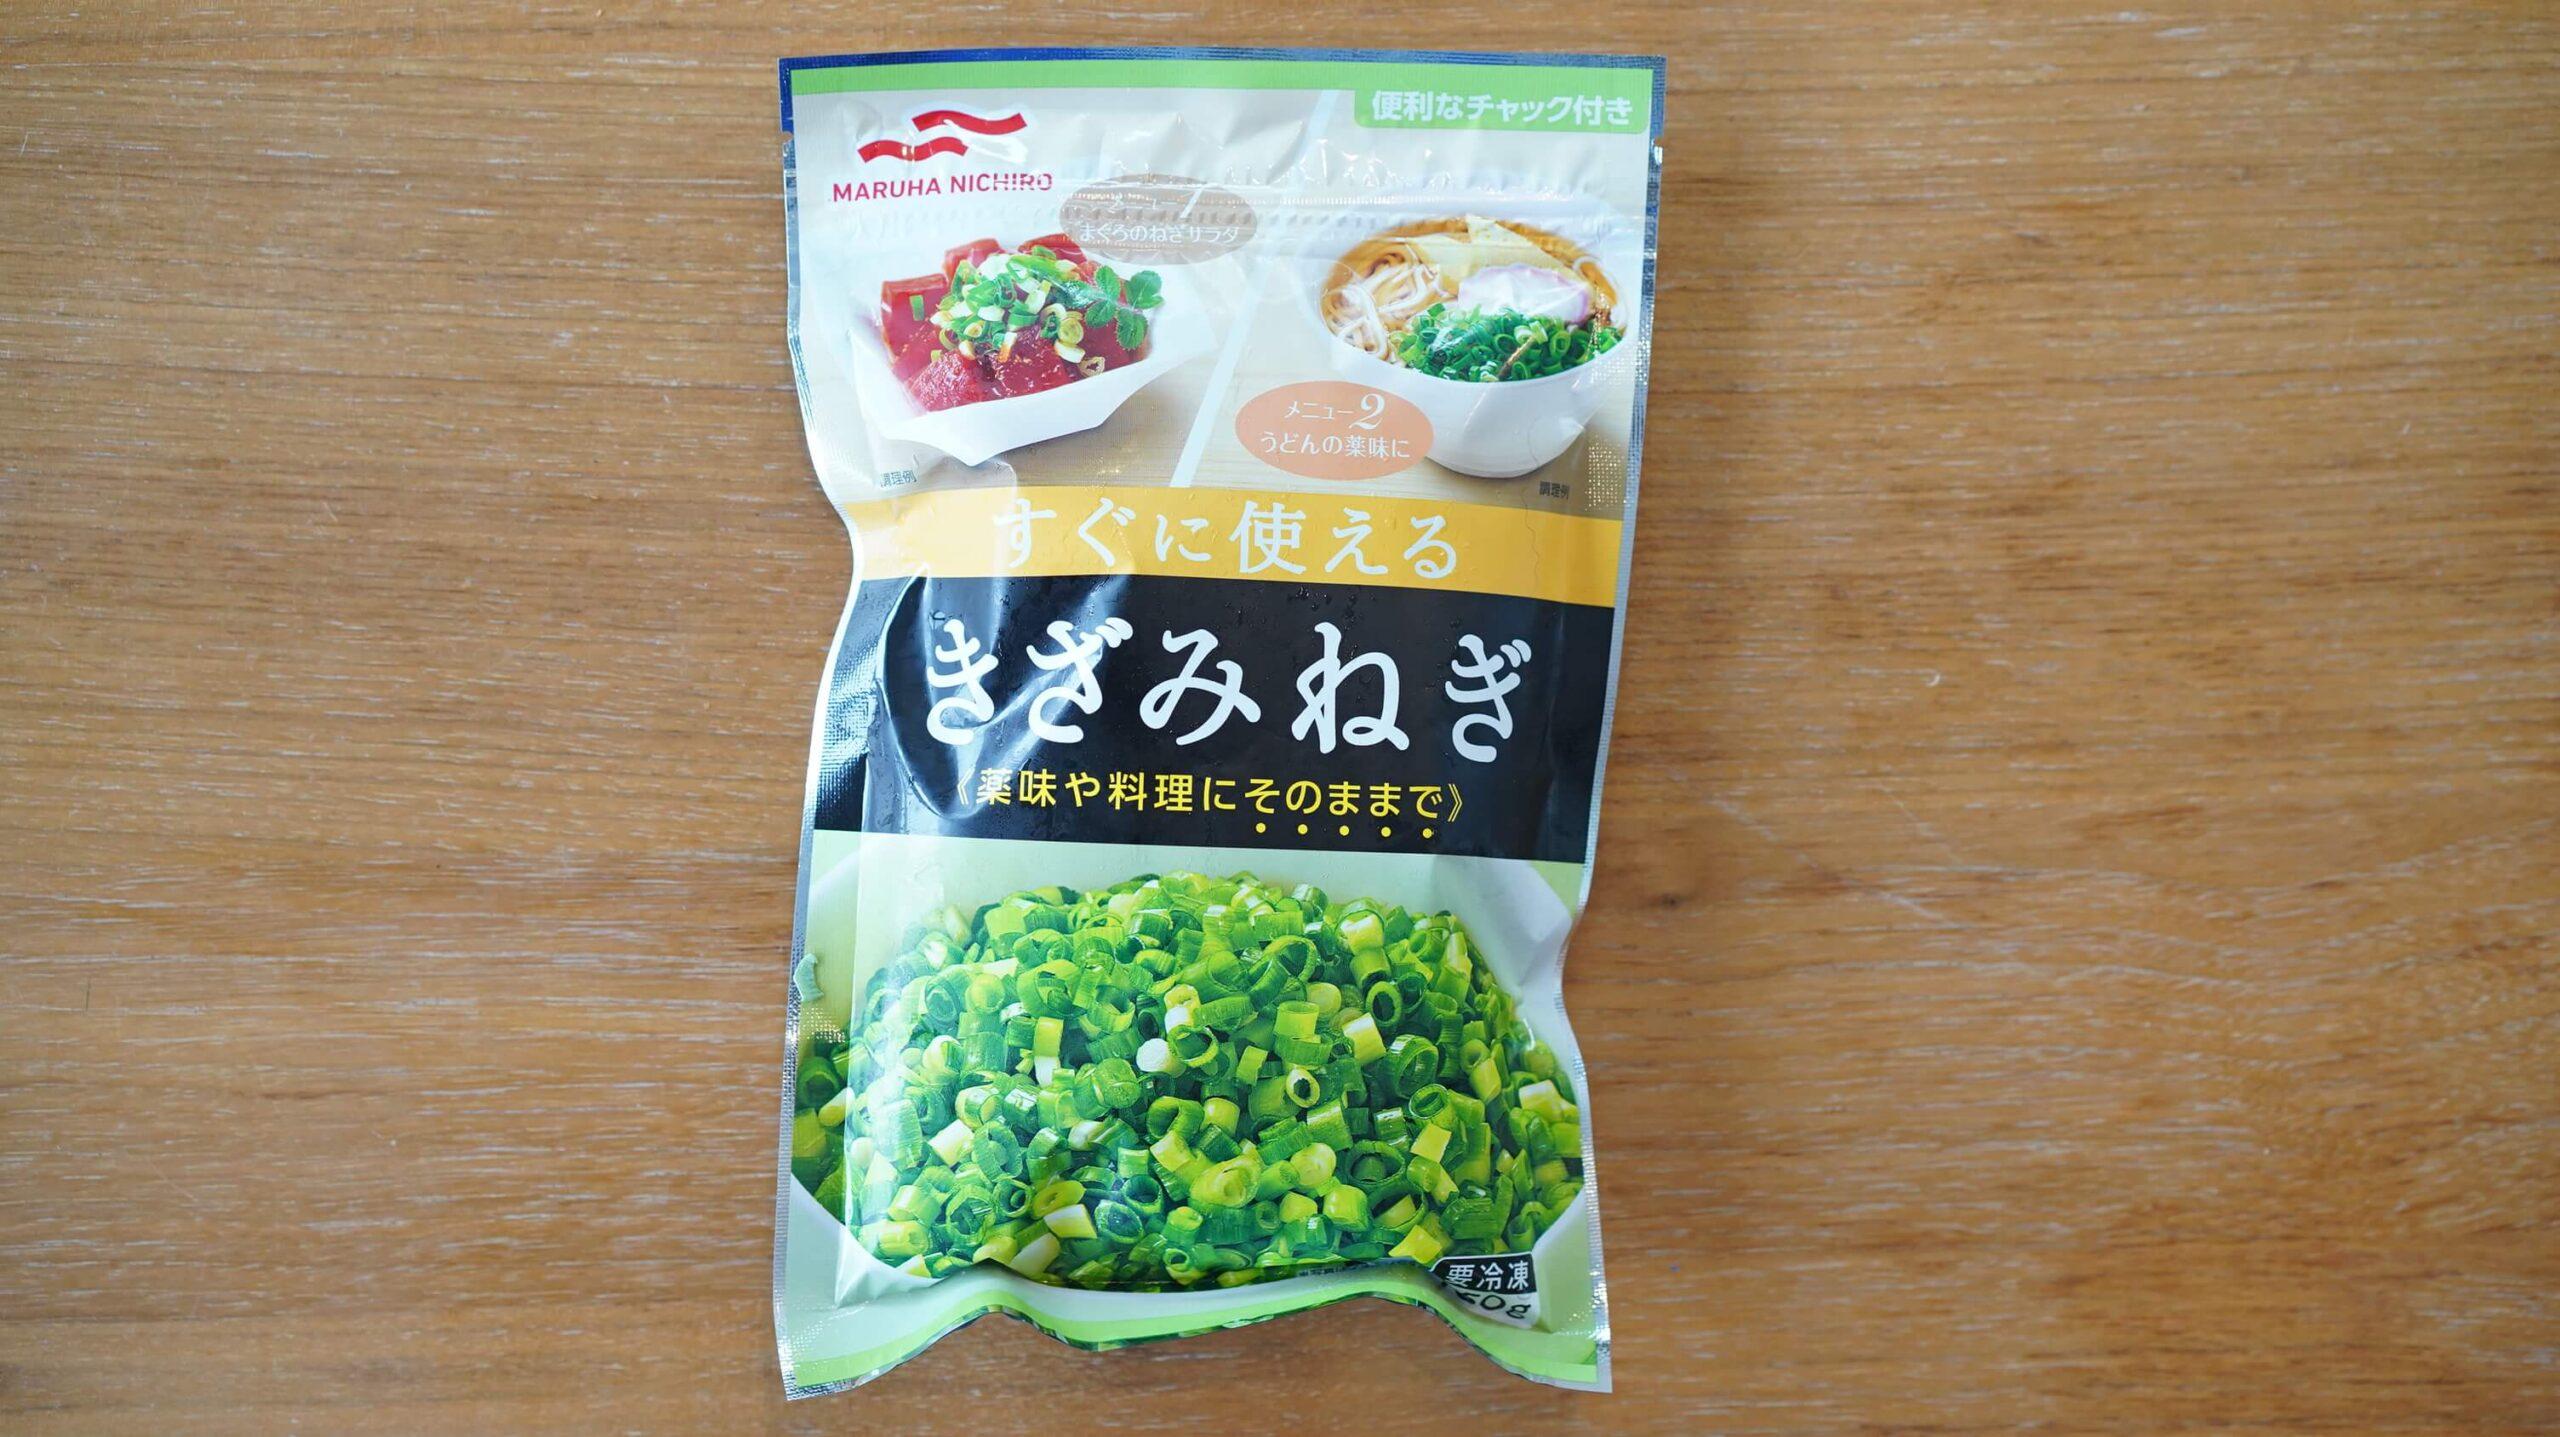 マルハニチロの冷凍食品「すぐに使える・きざみねぎ」のパッケージ写真